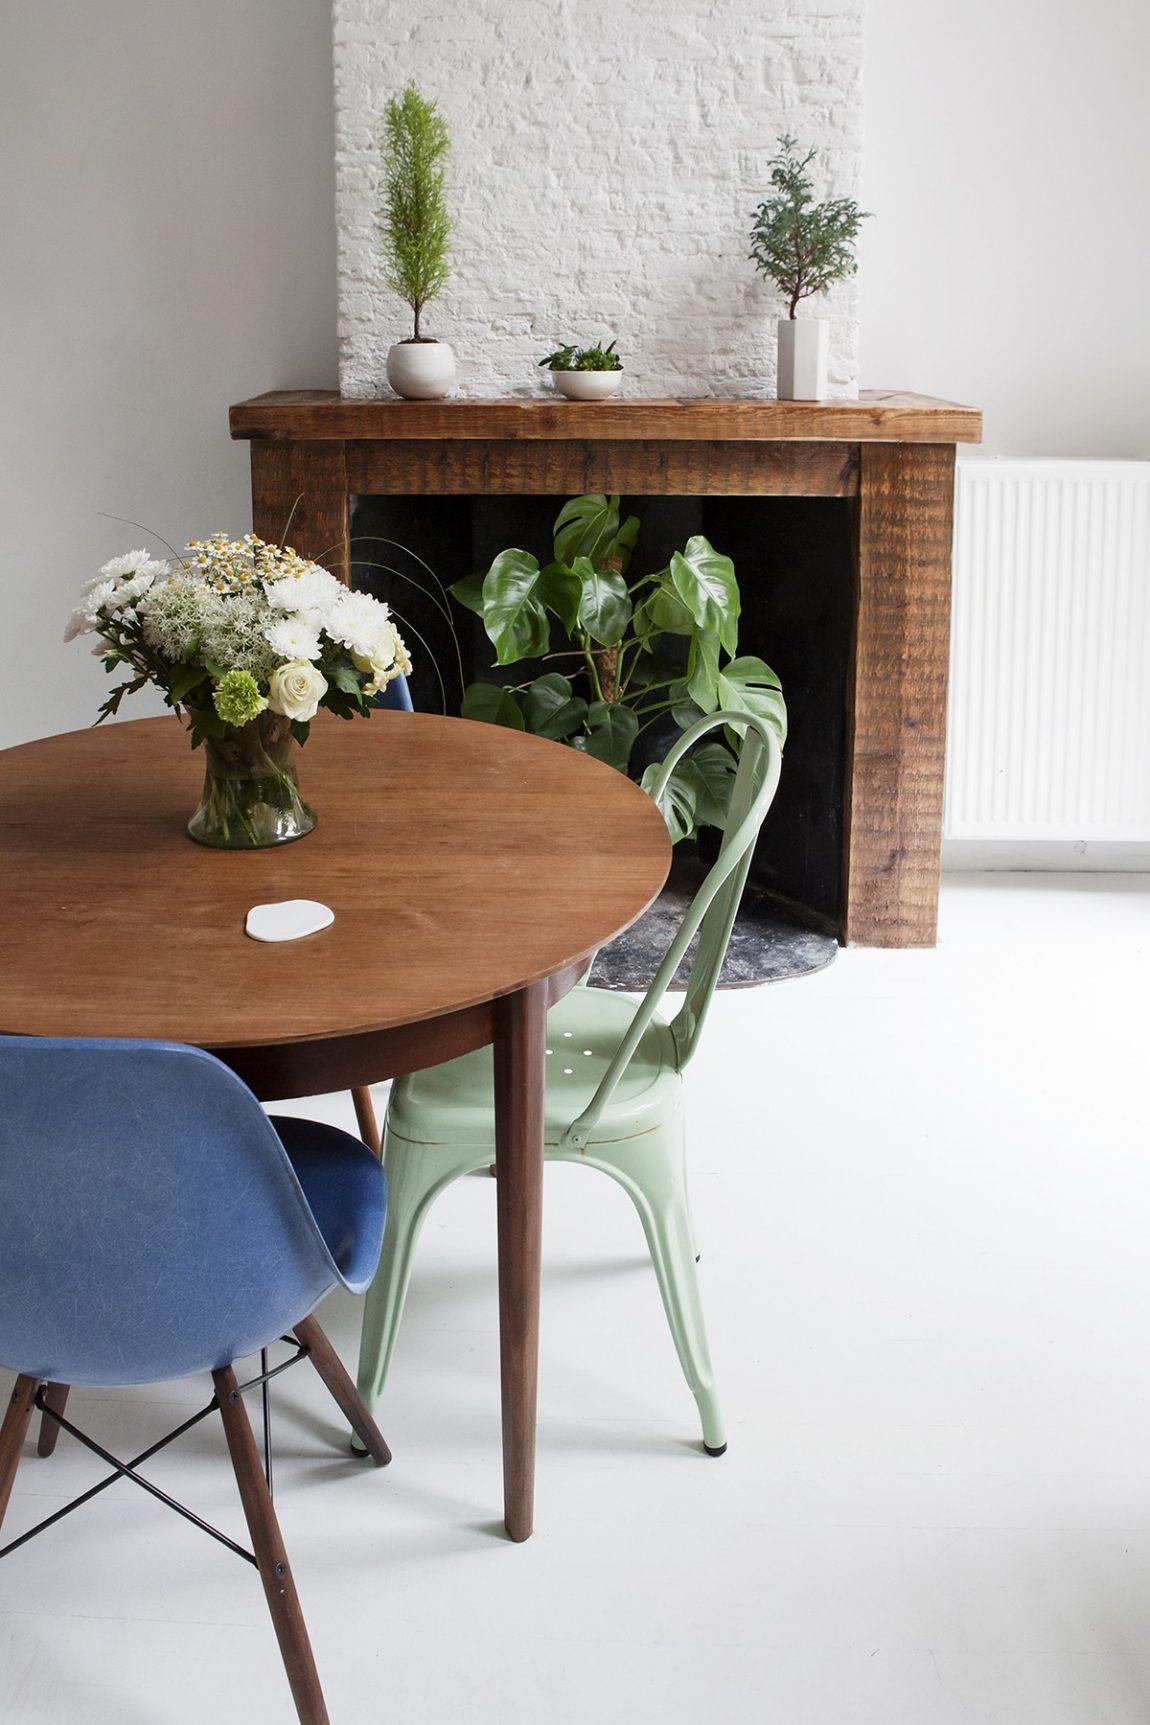 vintage-eettafel-eames-stoelen